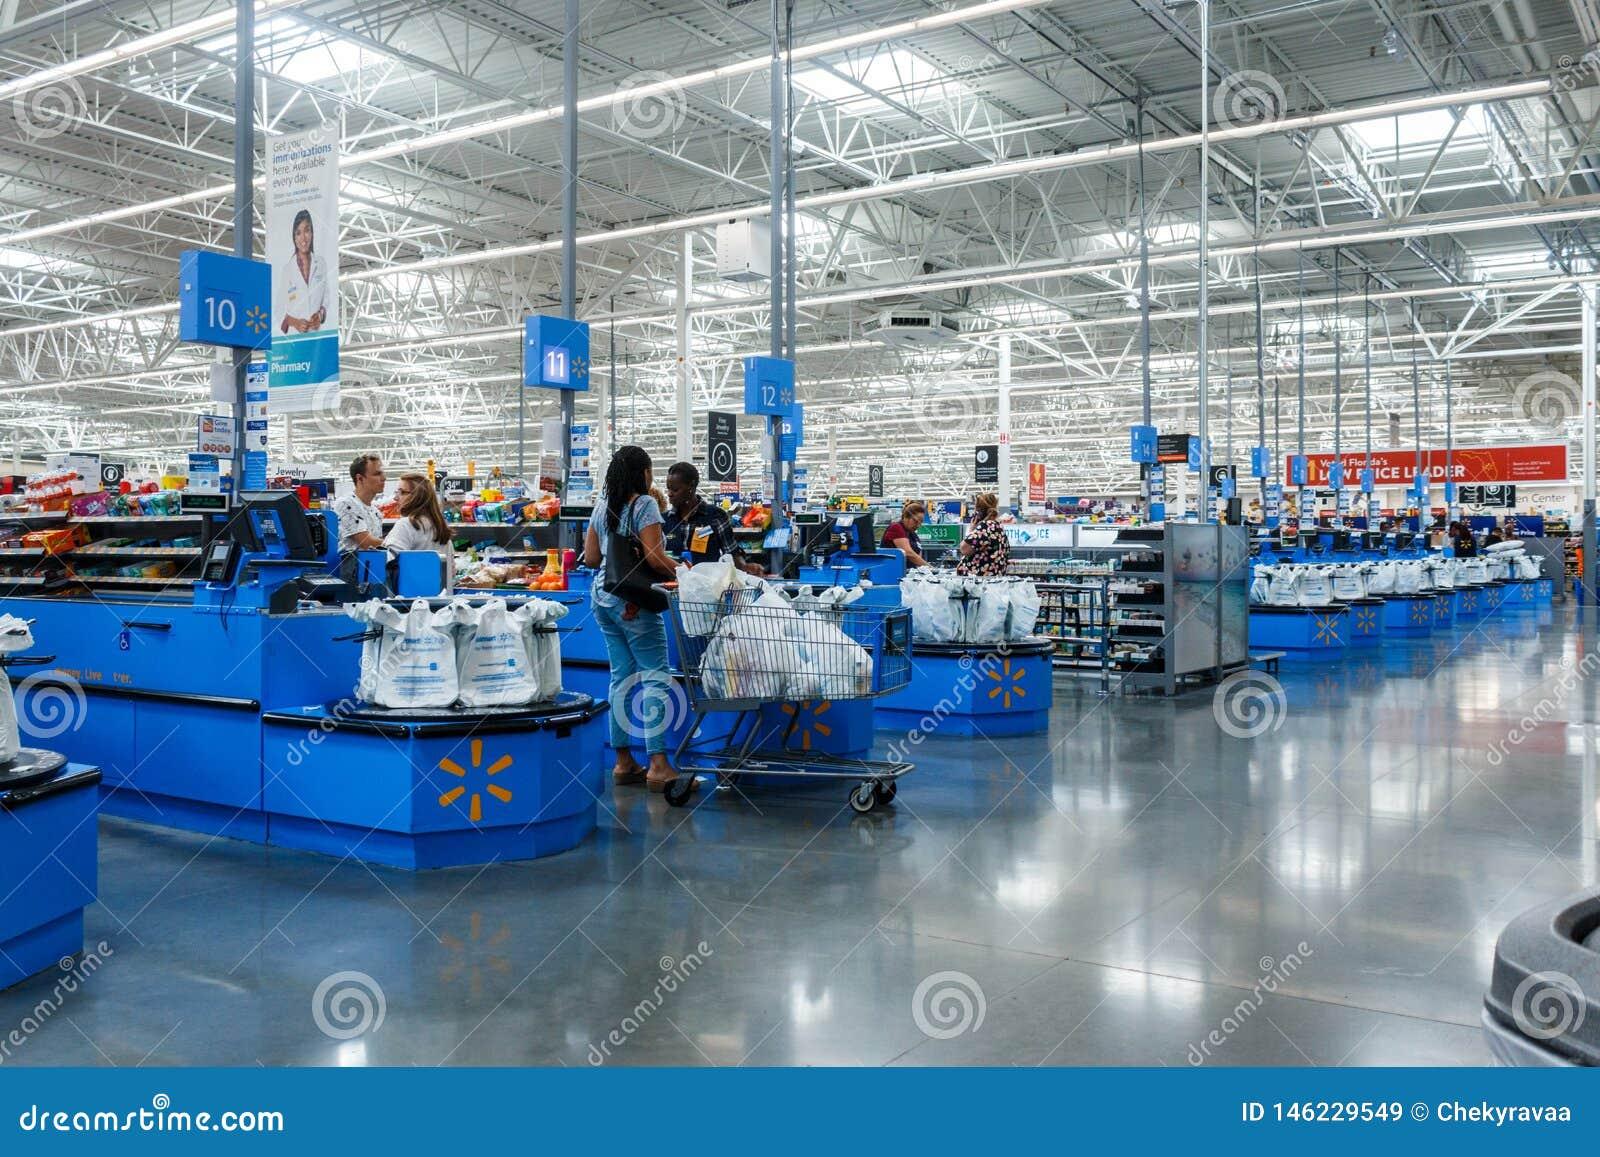 Compteur de caissier à Walmart Walmart inc. est une soci?t? au d?tail multinationale am?ricaine